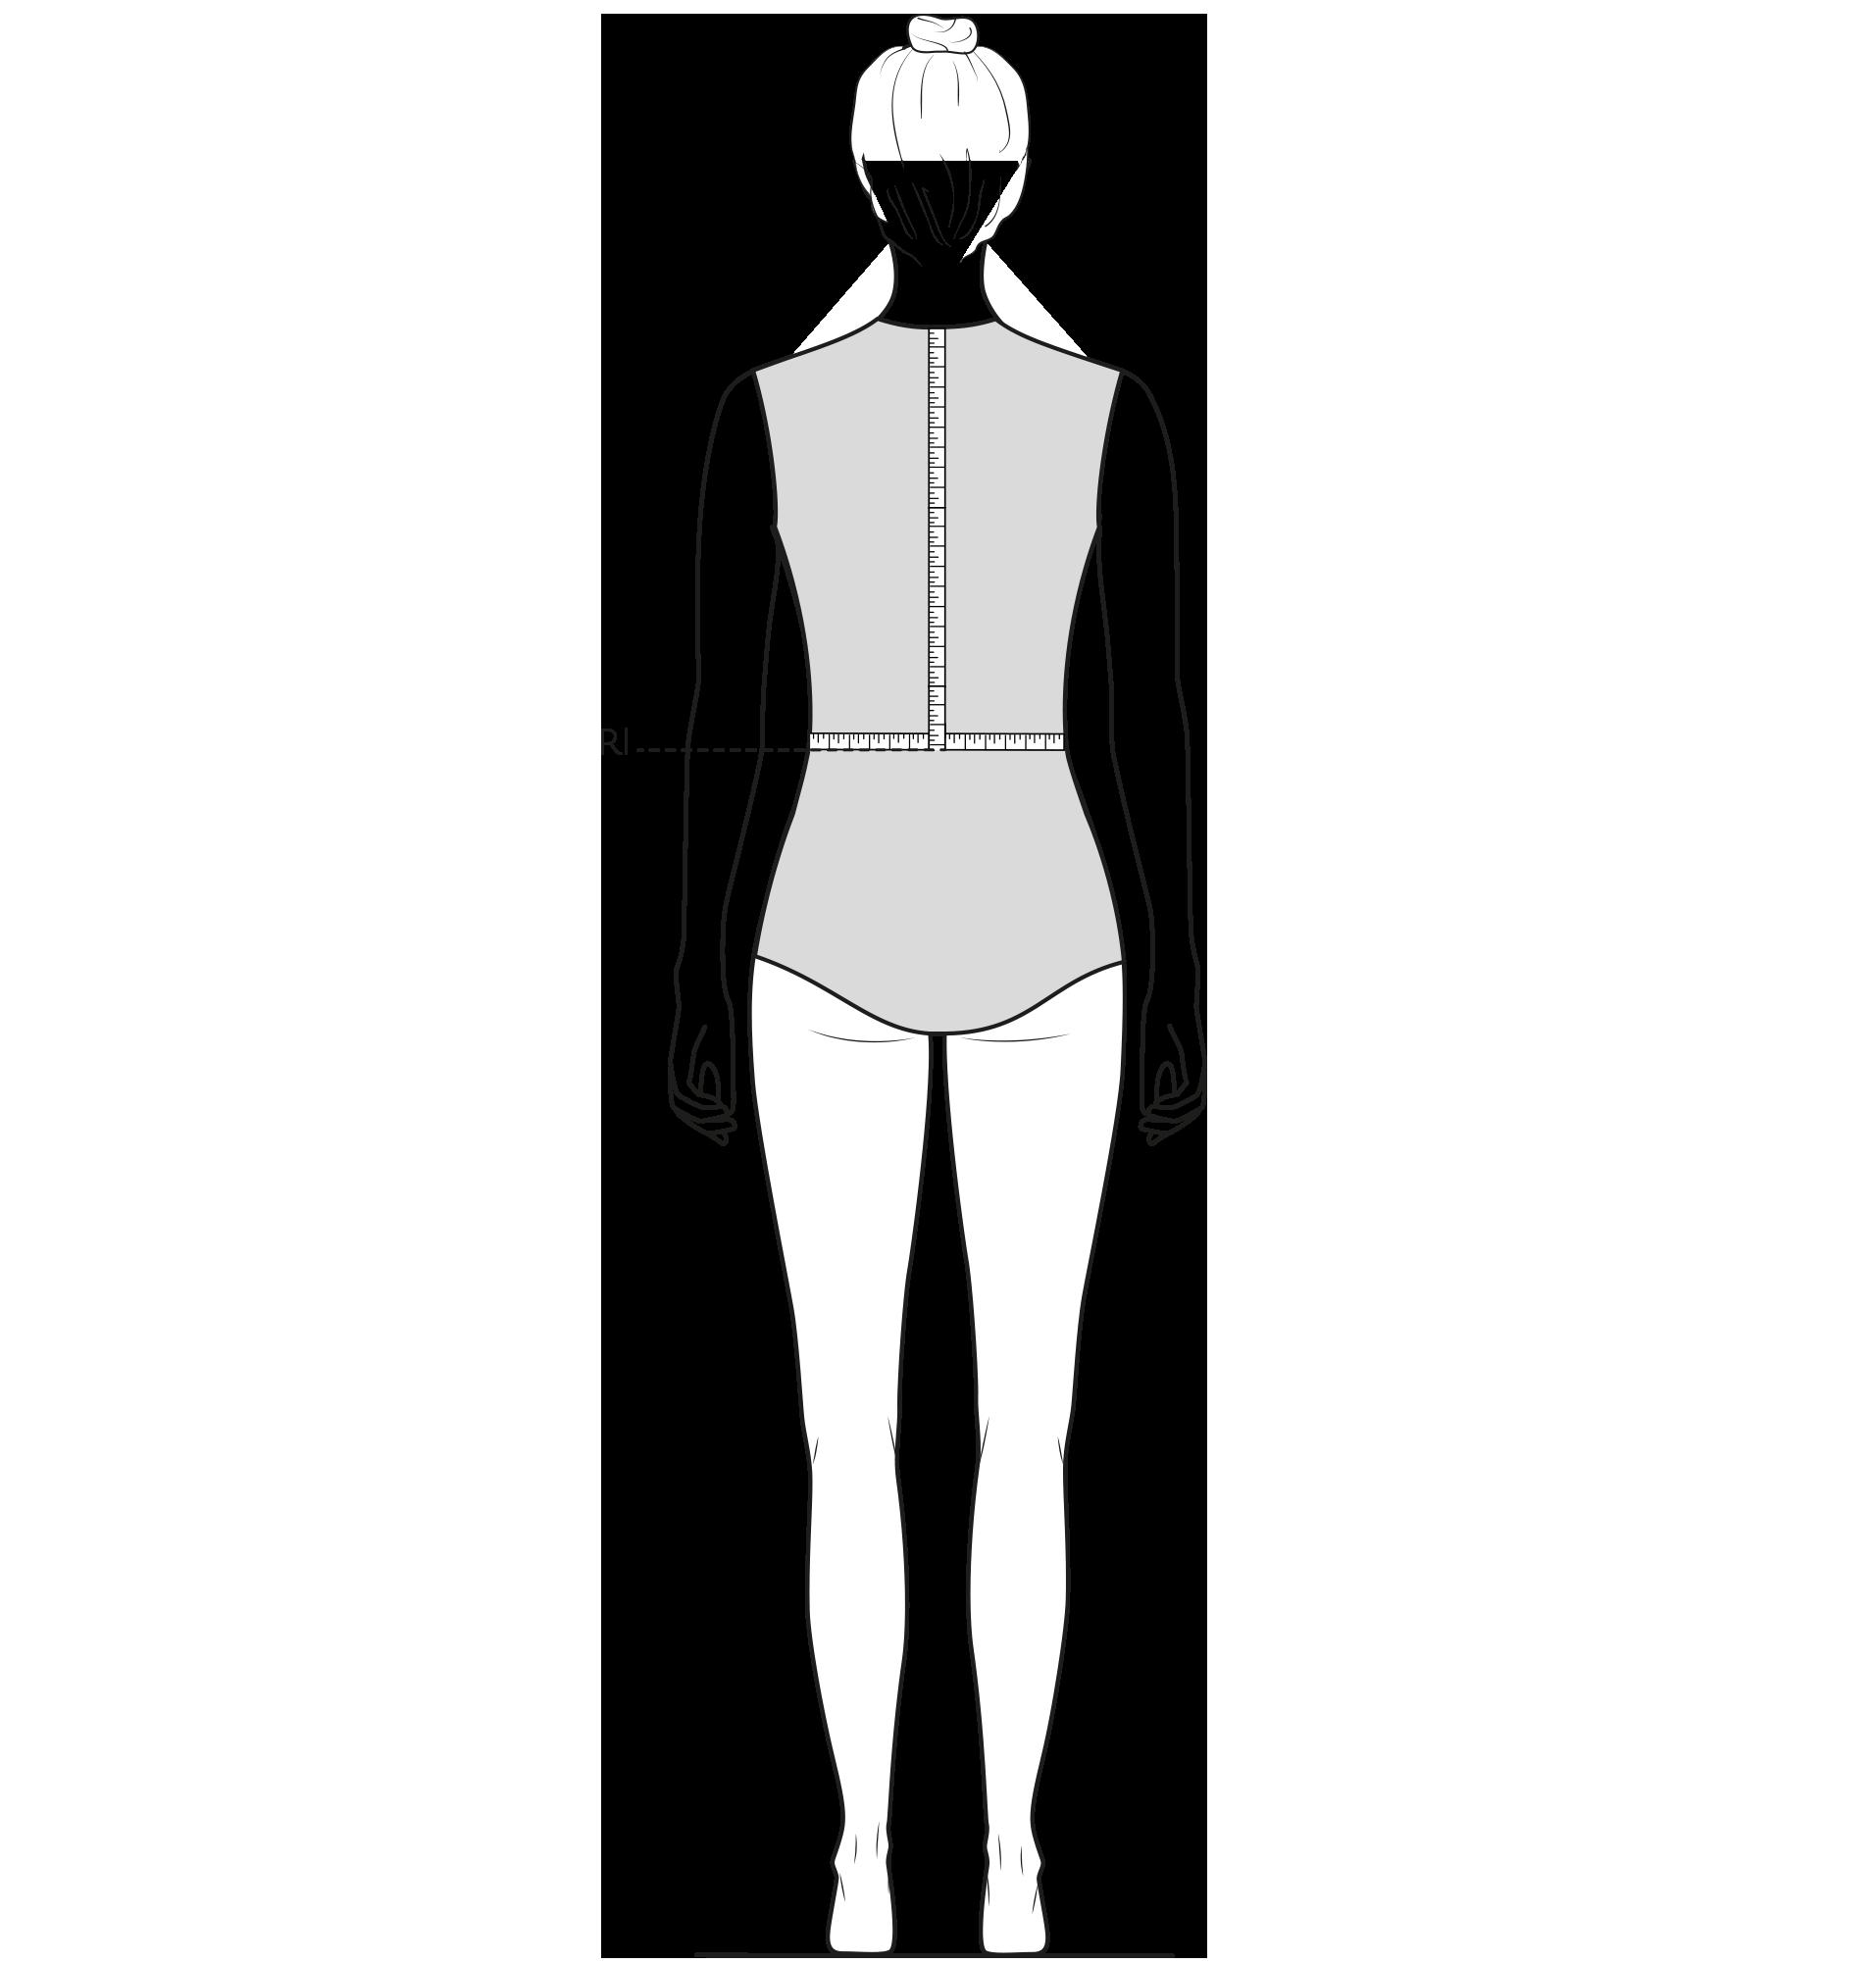 Diese Zeichnung zeigt das Messen der Rückenlänge..